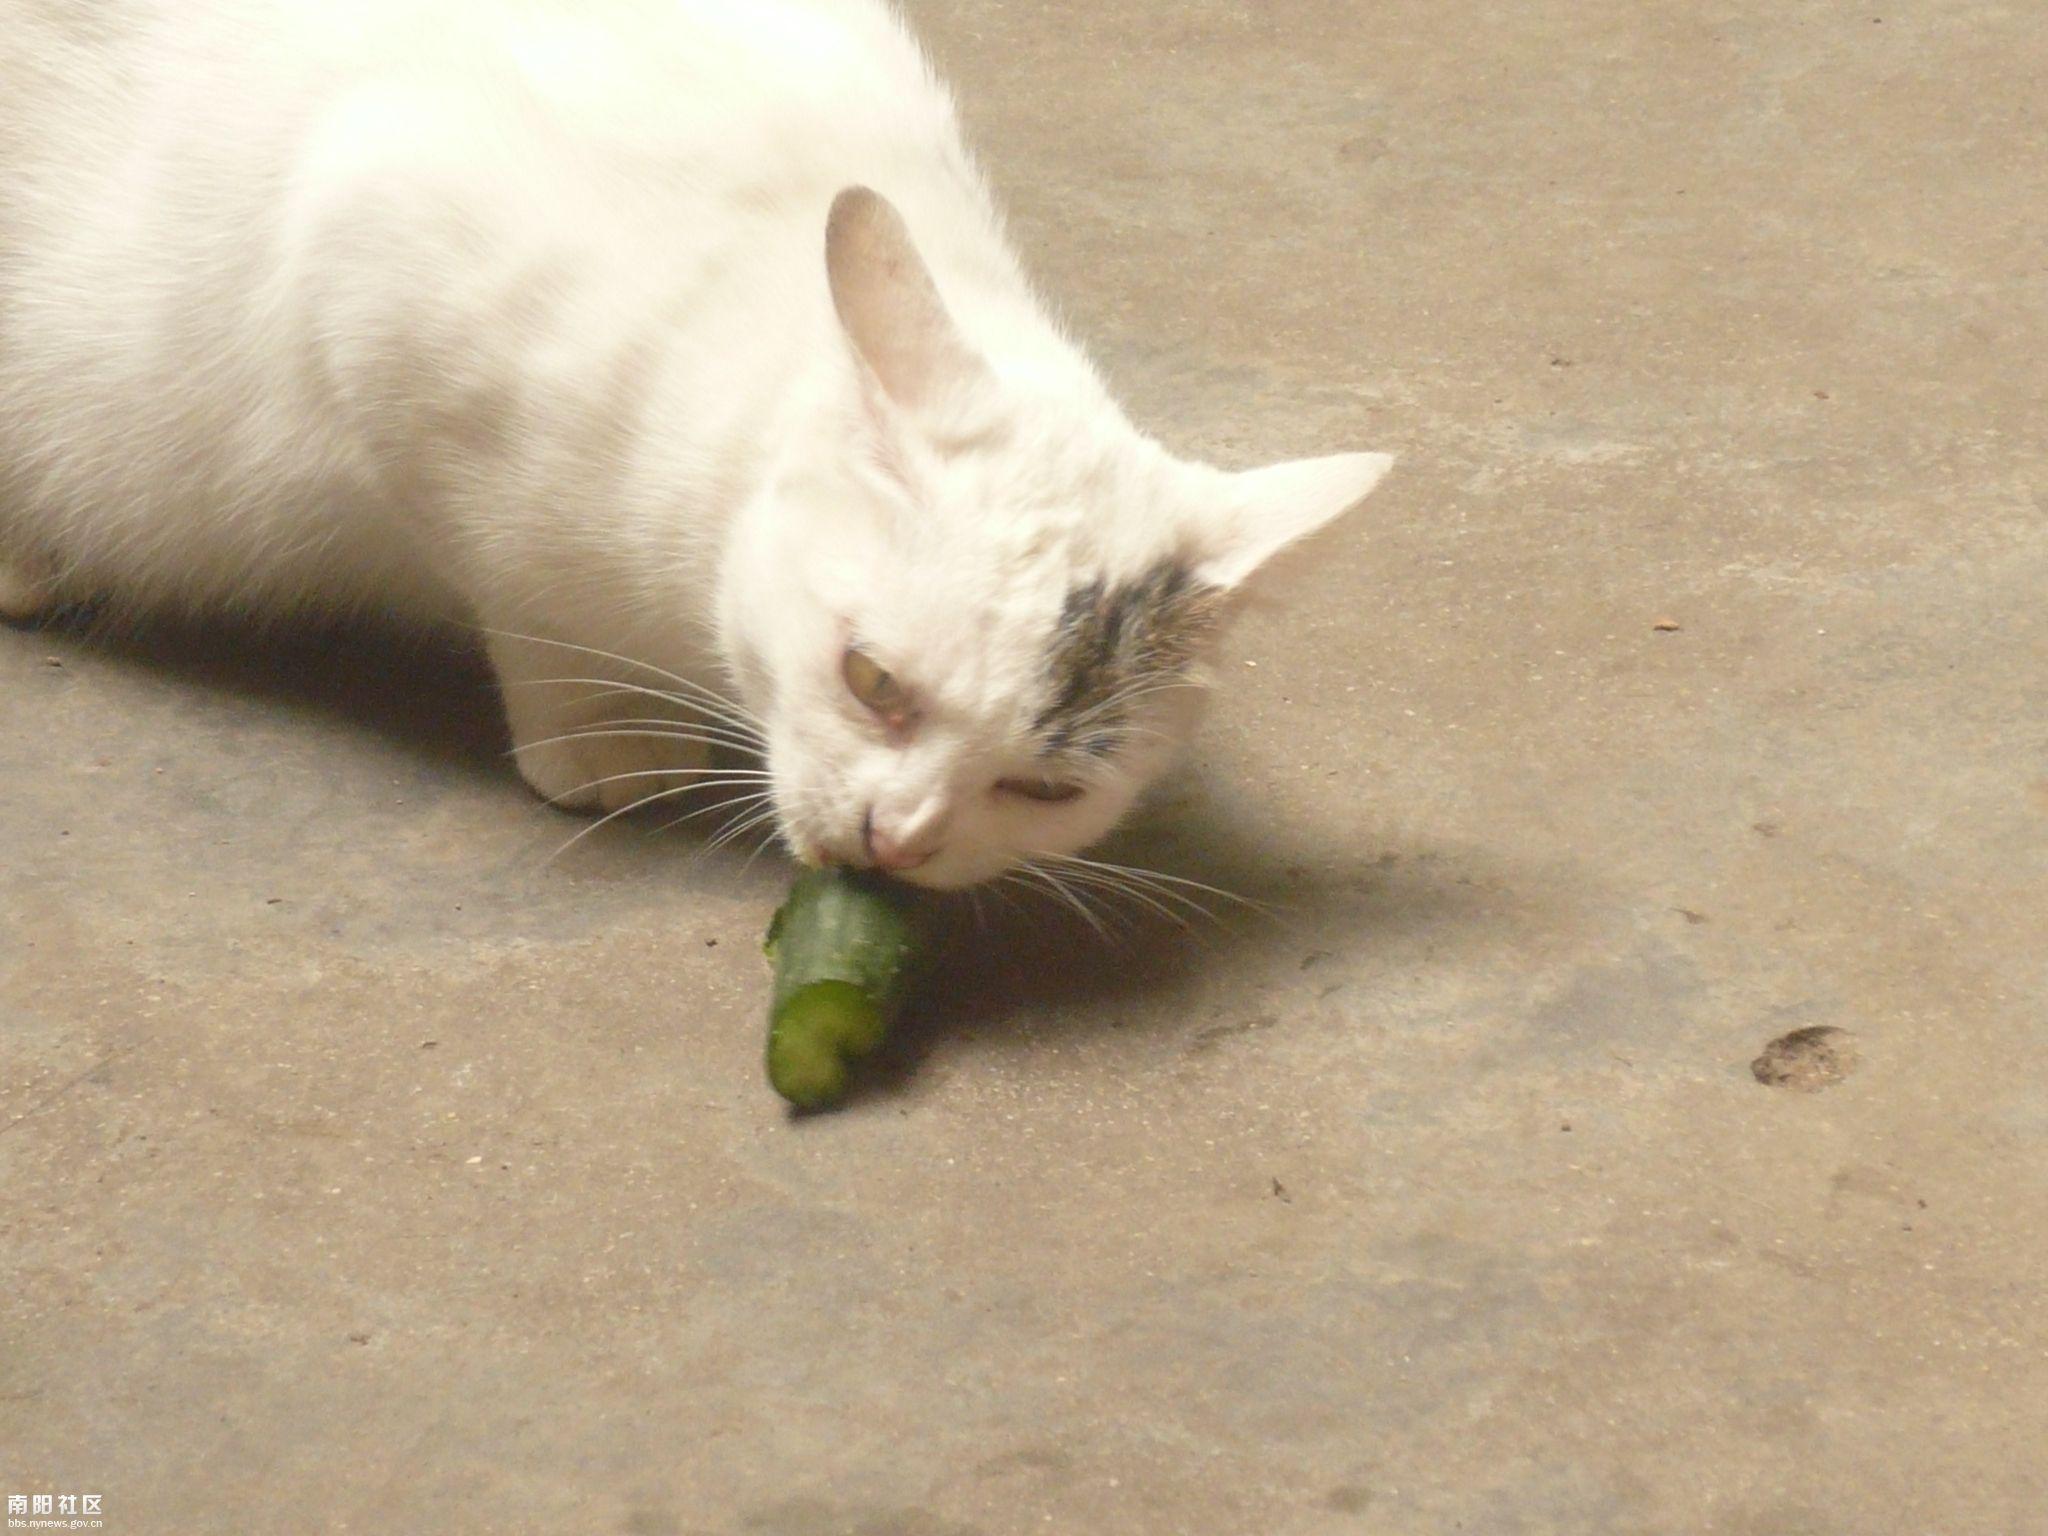 稀奇 一个喜欢吃黄瓜的小猫!